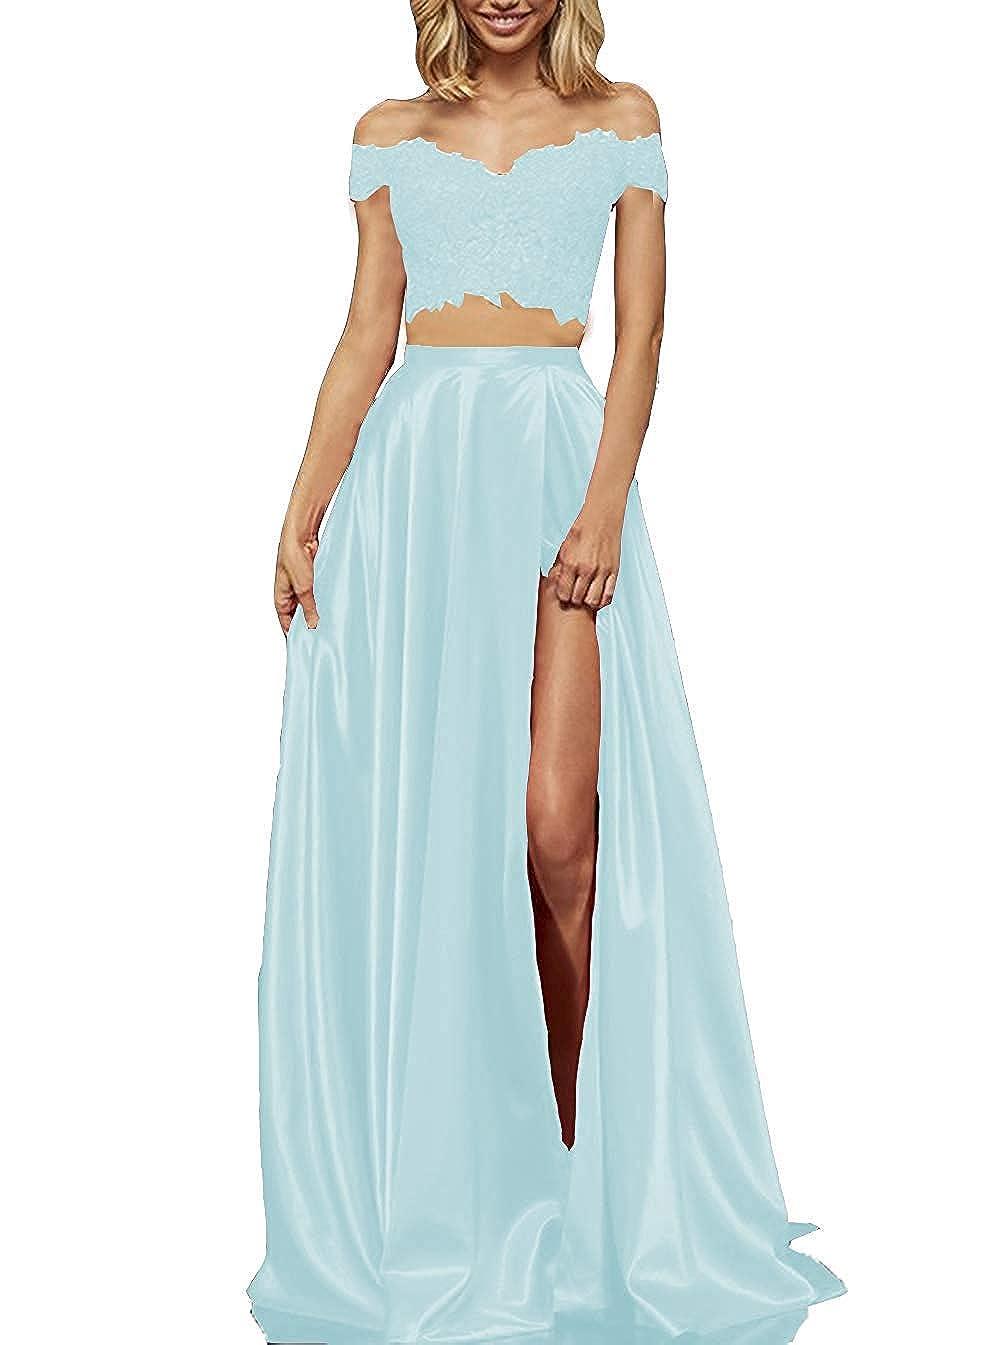 Sky bluee tutu.vivi Women's 2 Pieces Long Lace Satin Prom Dresses Off The Shoulder Party Evening Gown